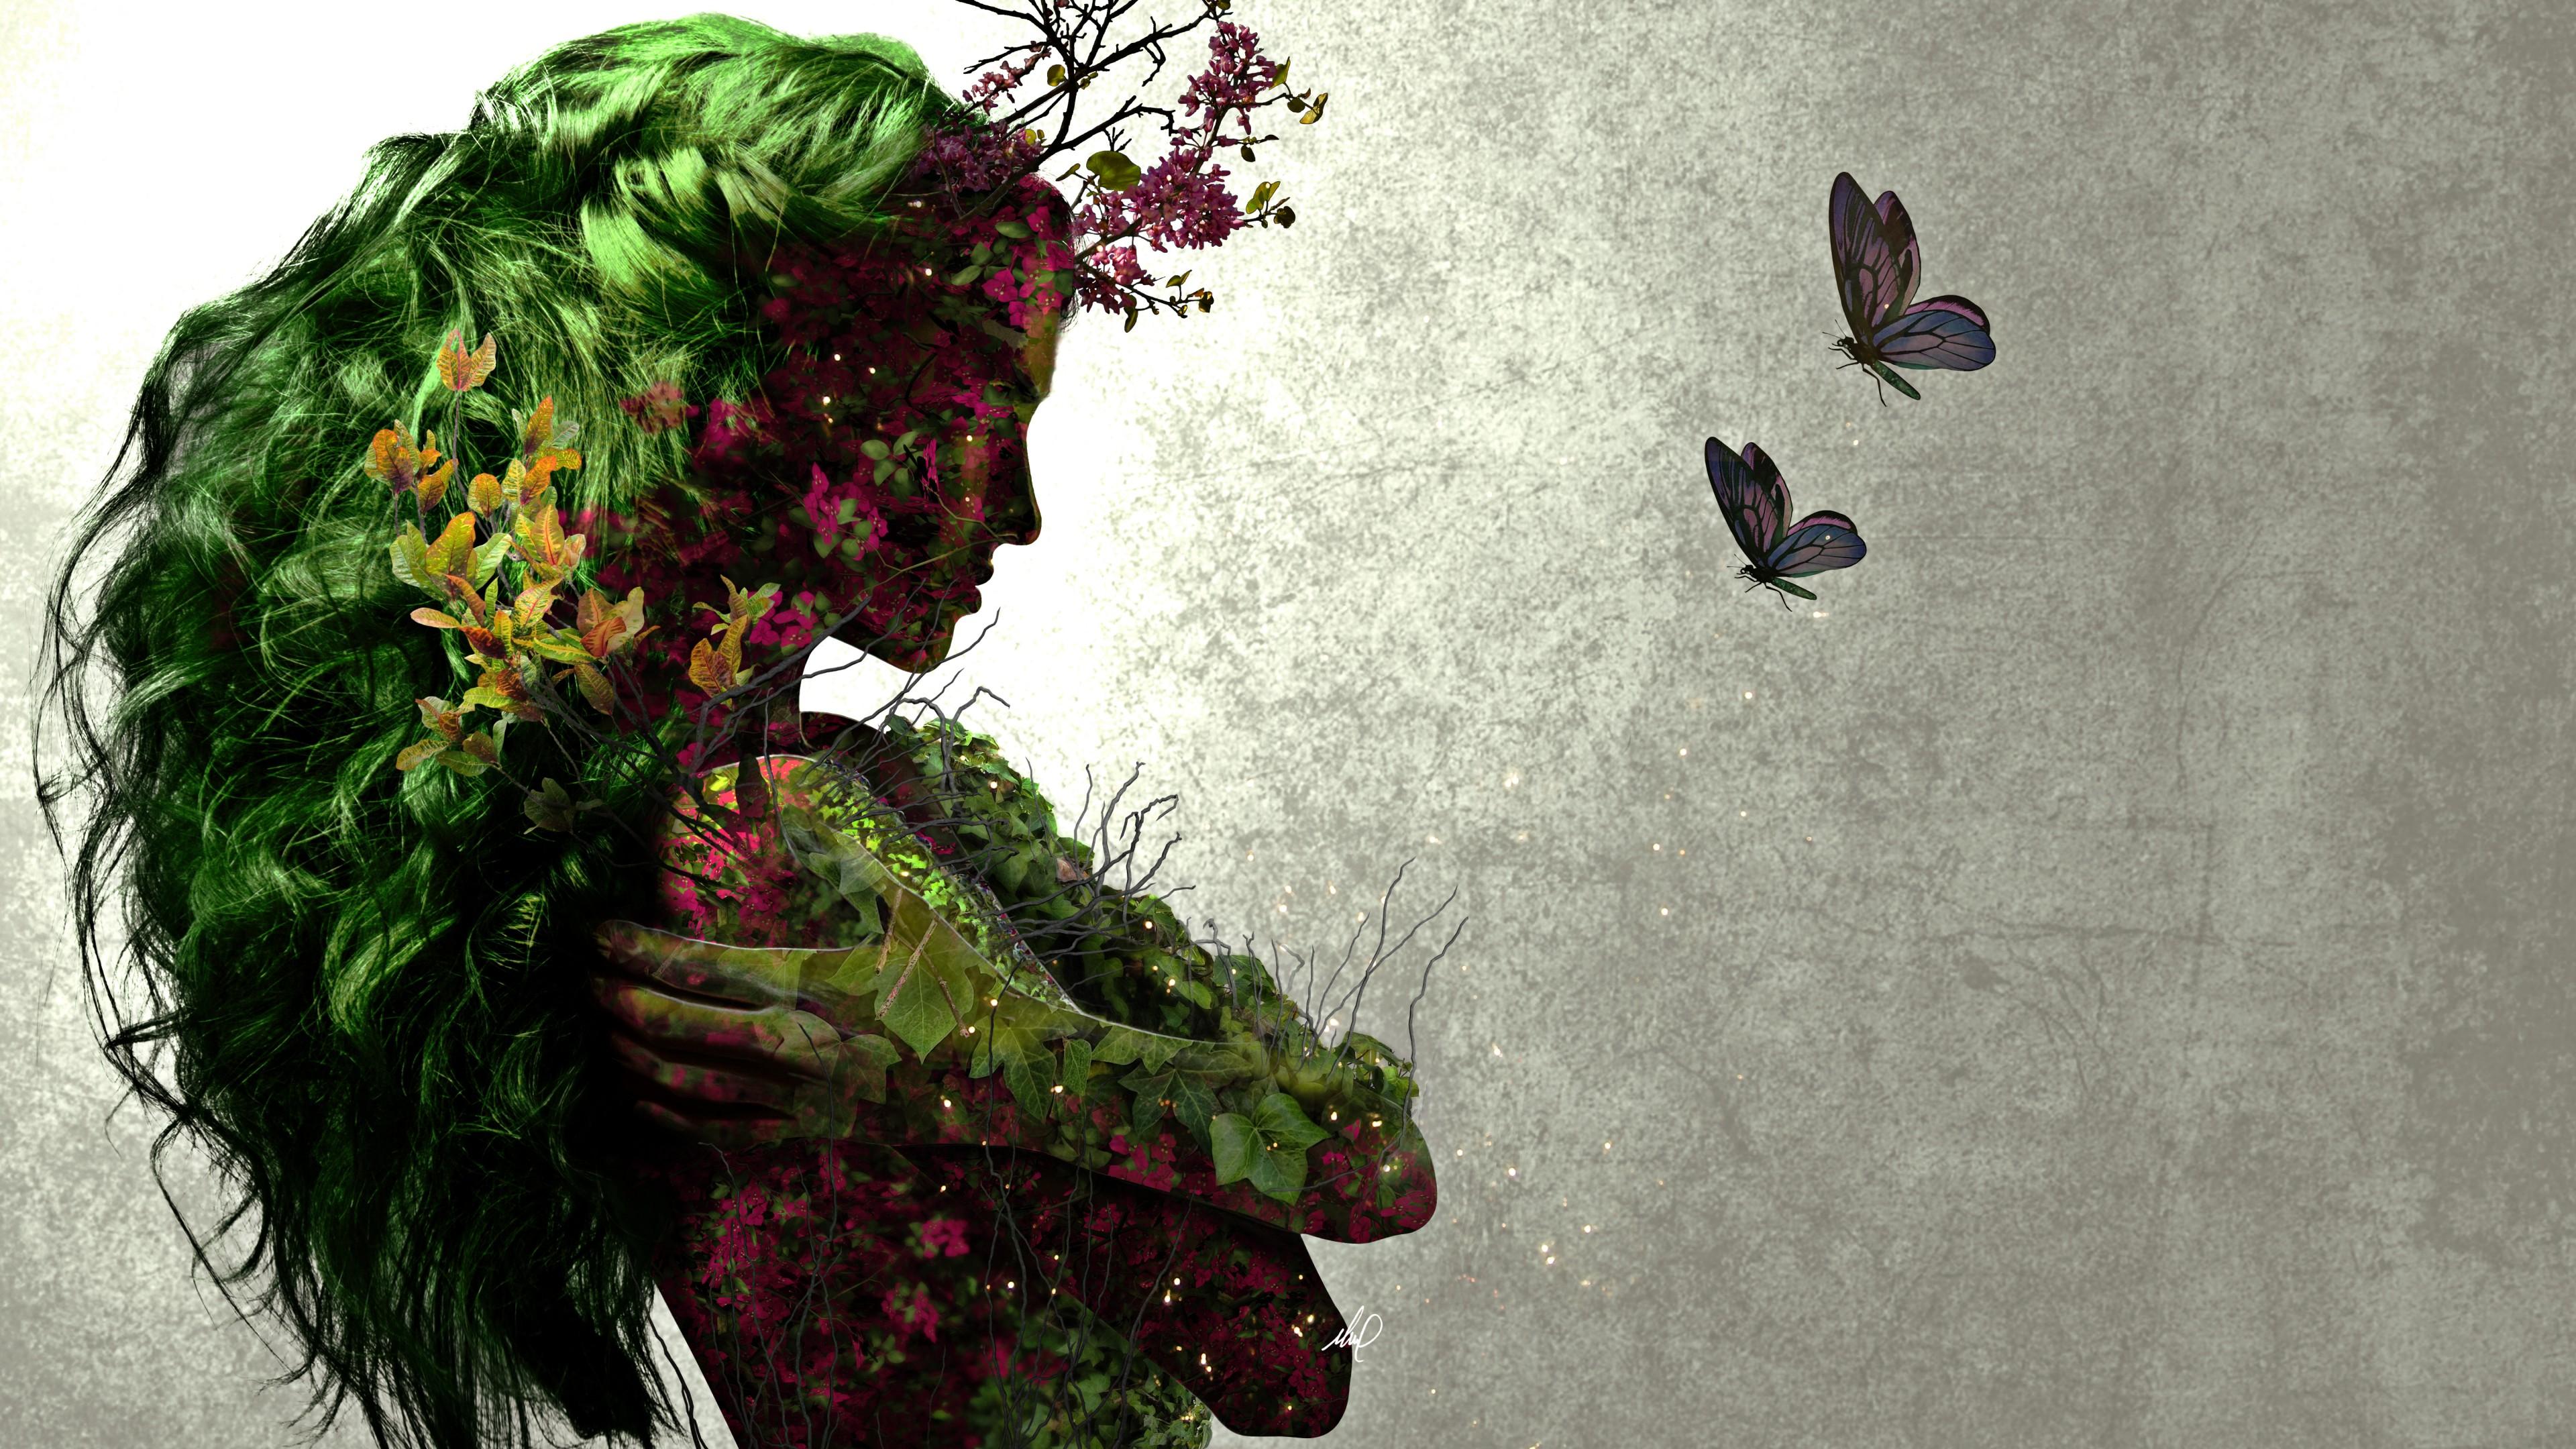 Профиль девушки с зелеными волосами и цветами на фоне порхающих бабочек